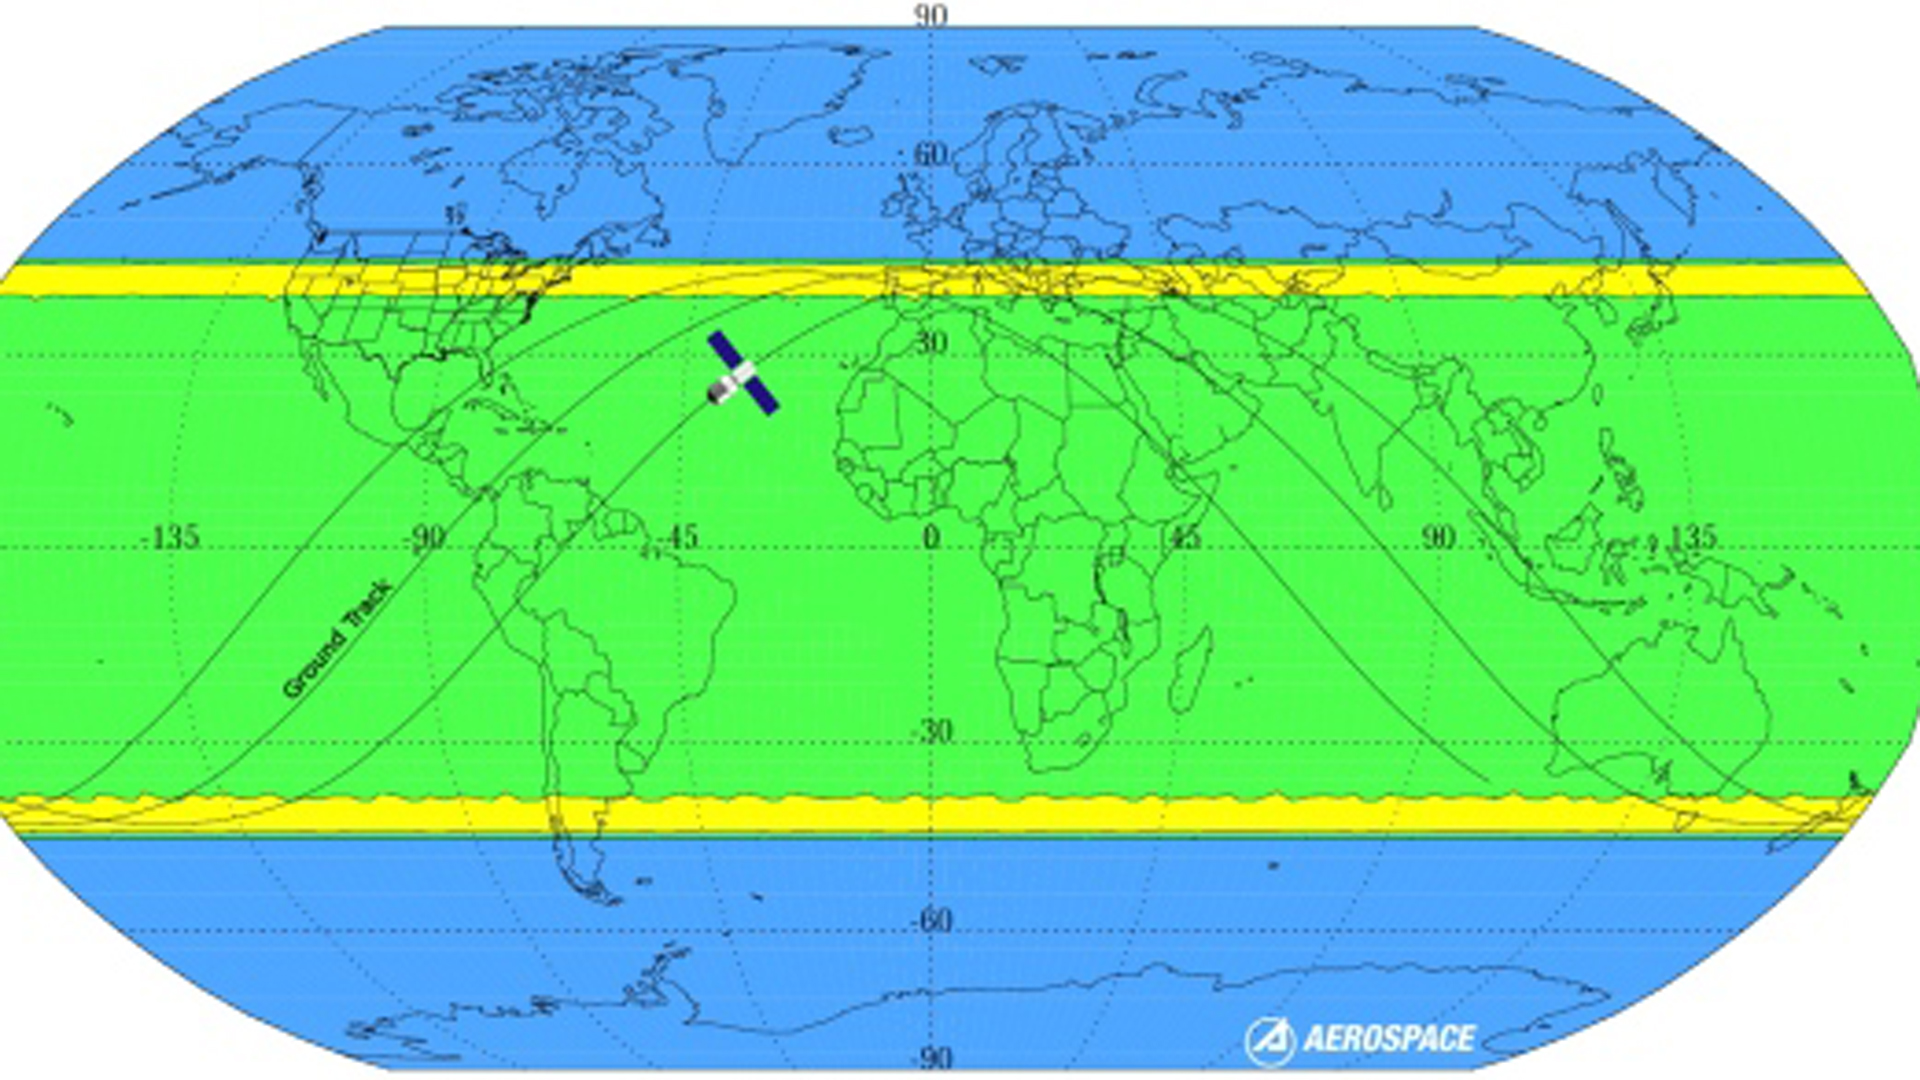 Los cálculos de la ESA. En amarillo, la franja con mayor probabilidad de que caigan los restos espaciales. La zona verde es poco probable. Y la azul no corre riesgo